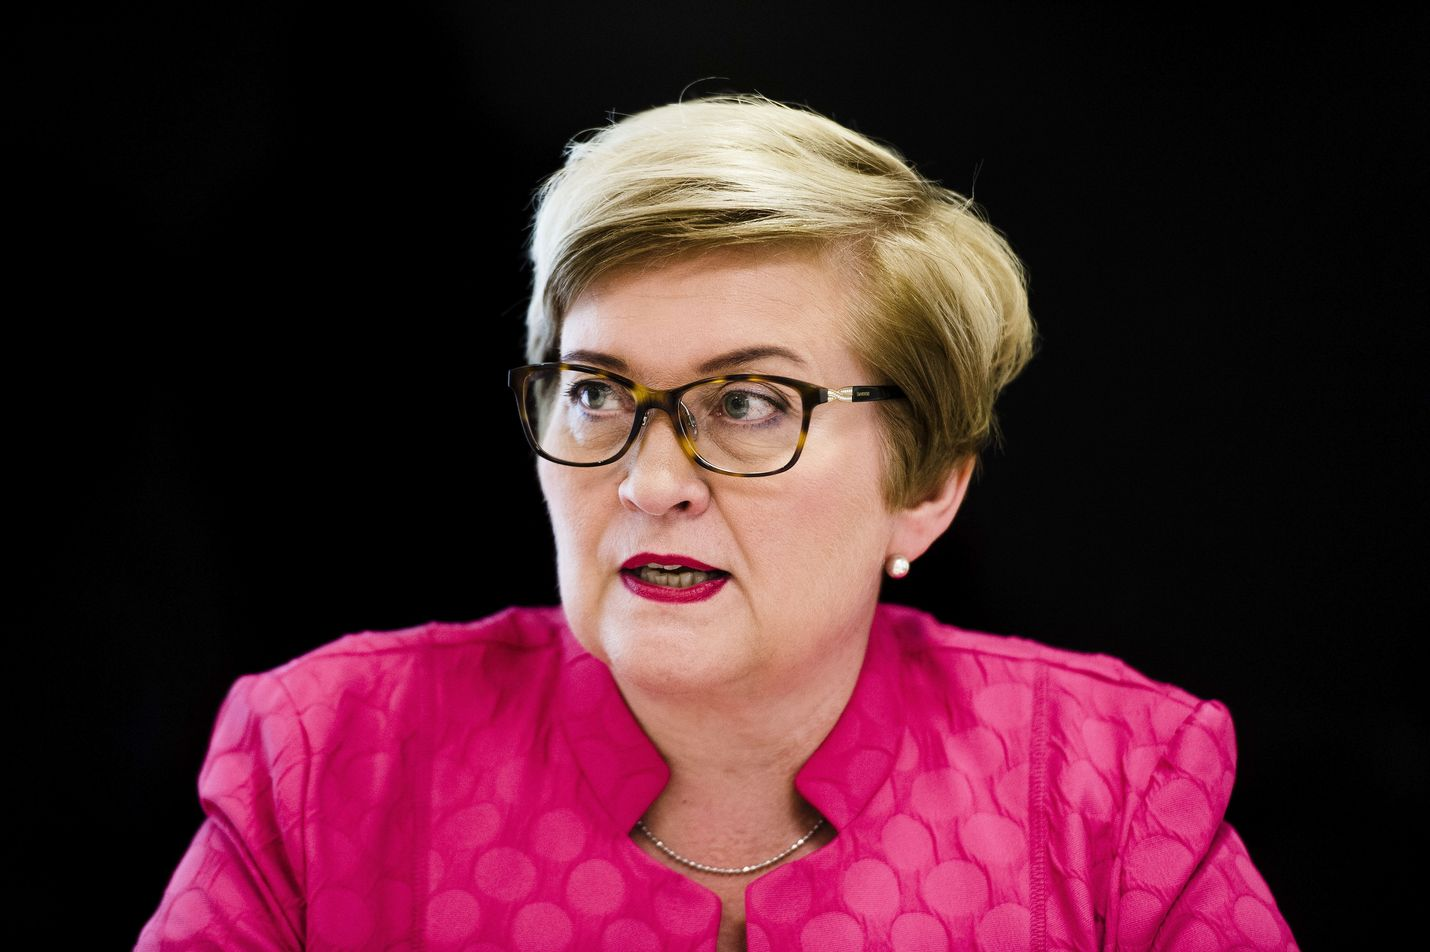 Edellisen hallituksen kunta- ja uudistusministeri Anu Vehviläinen vahvisti, että sote-uudistuksesta on syntynyt hallitusneuvotteluissa sopu.